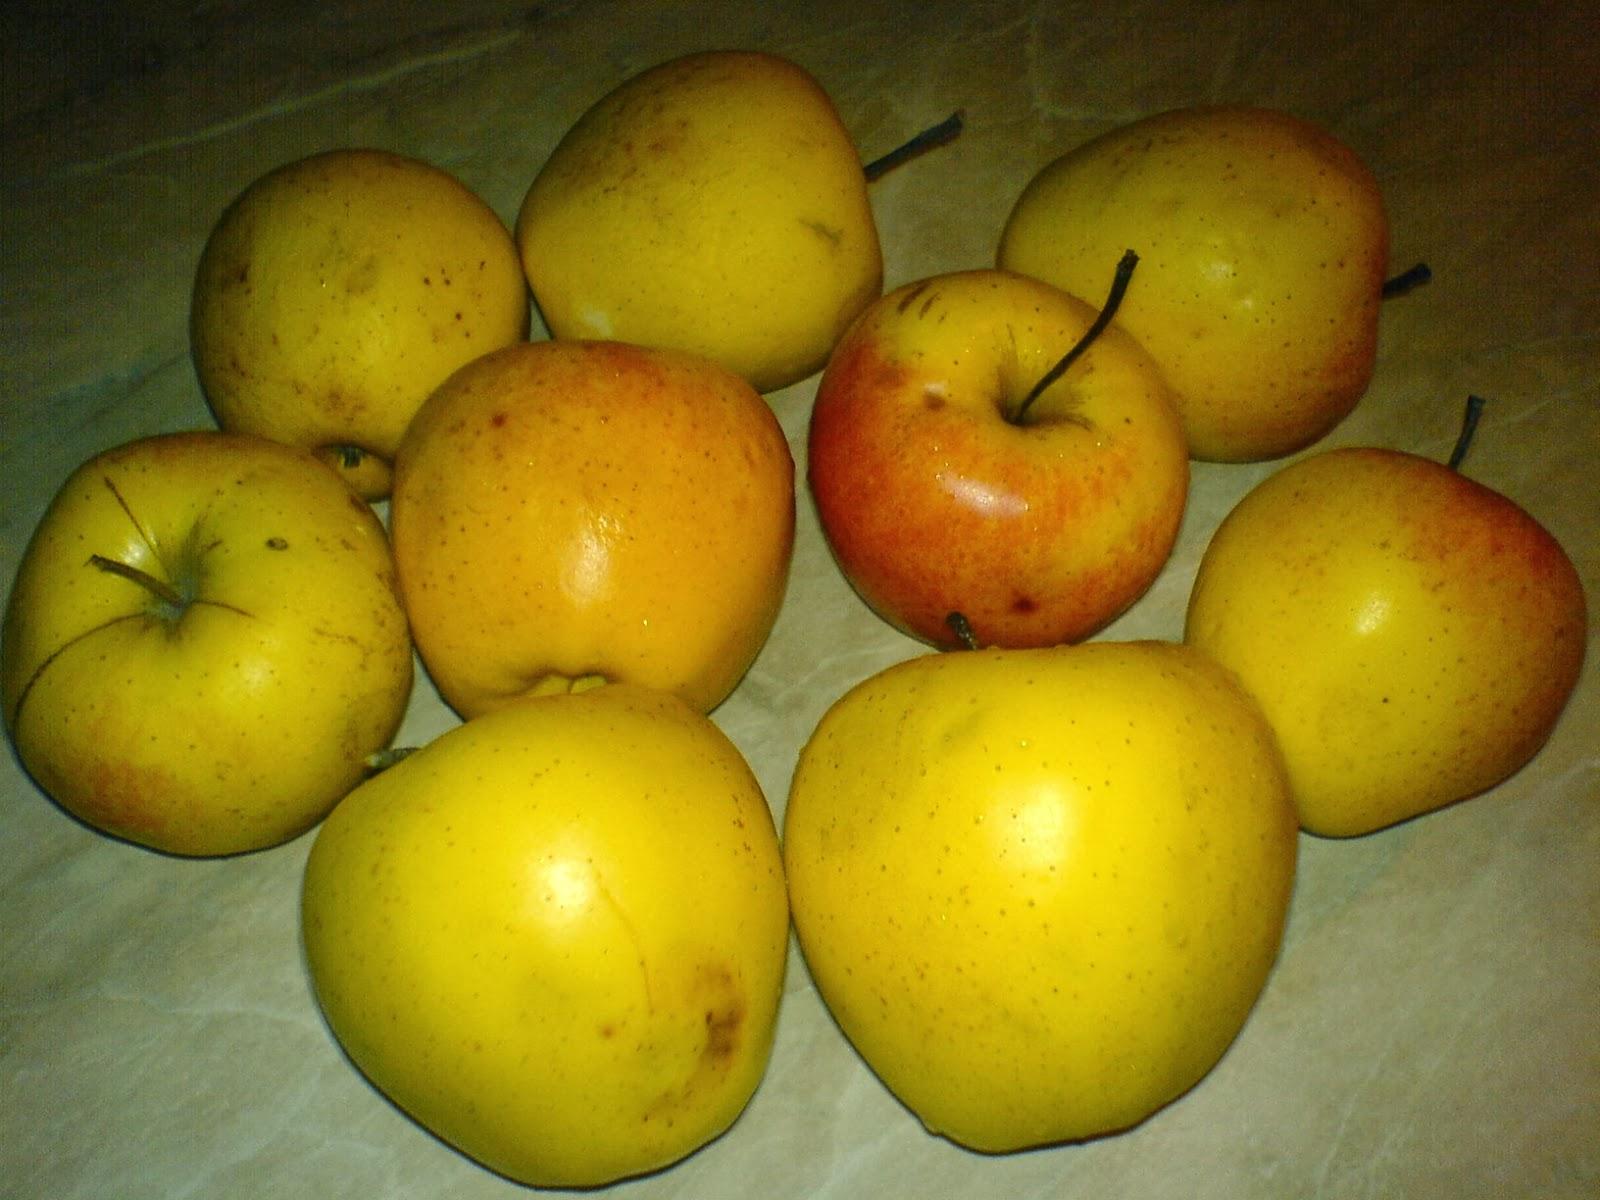 retete culinare cu fructe, mere, retete cu mere, prajitura cu fructe